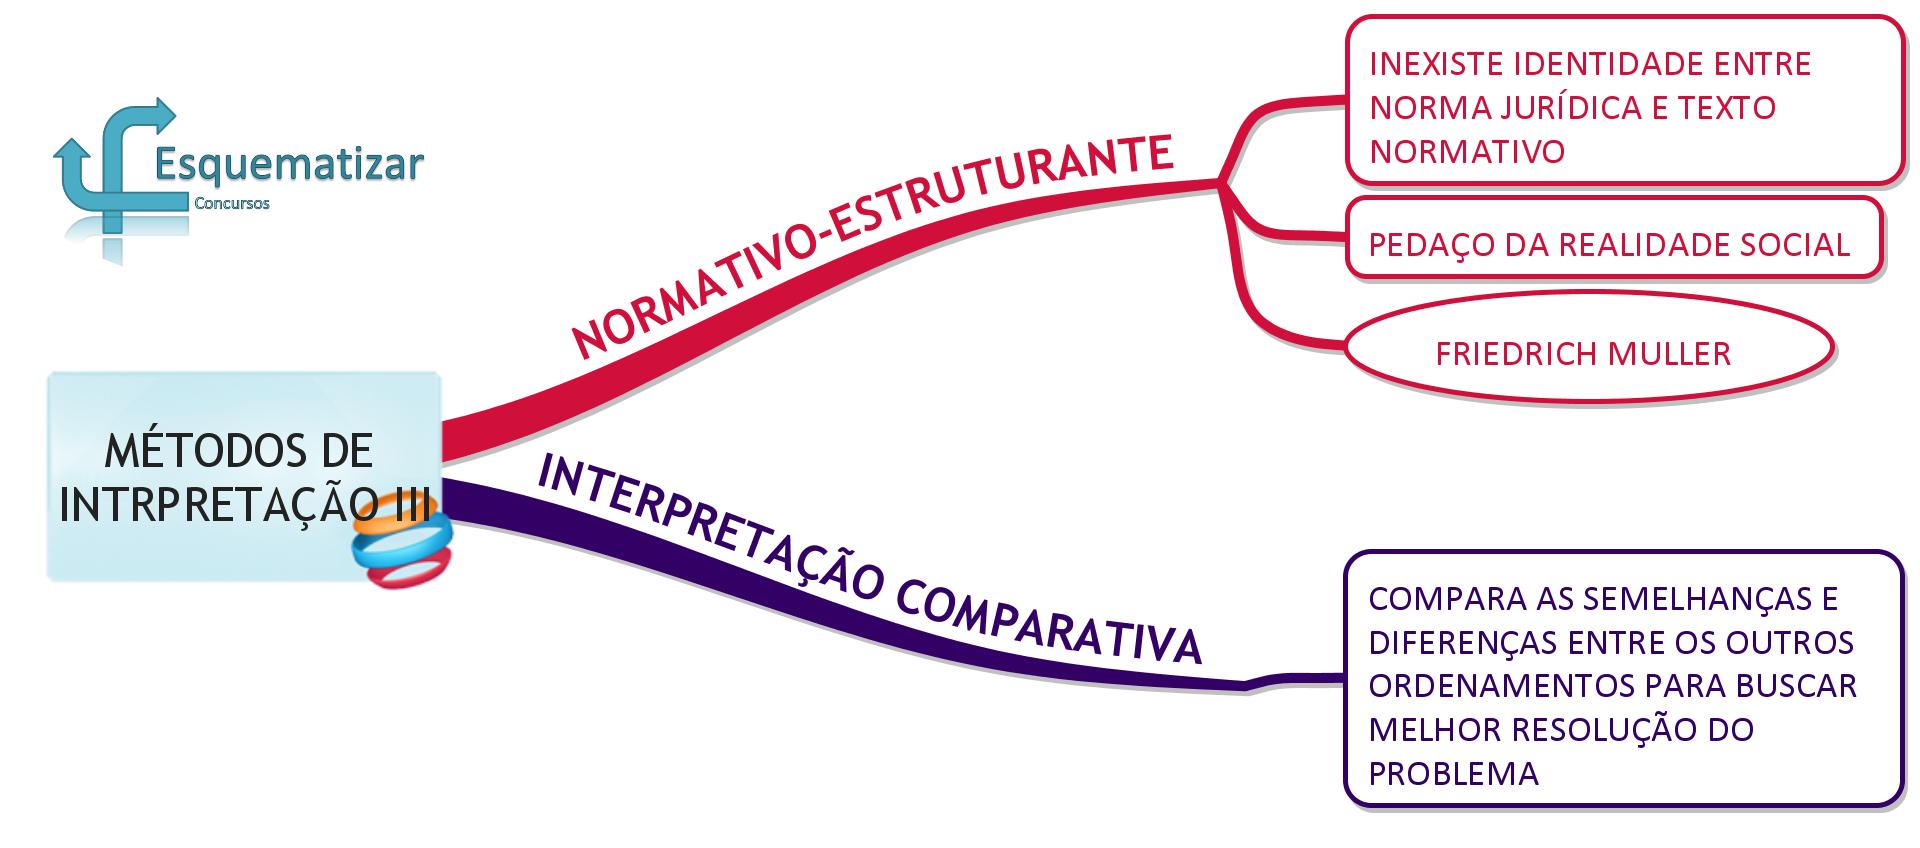 Métodos de Interpretação da Constituição